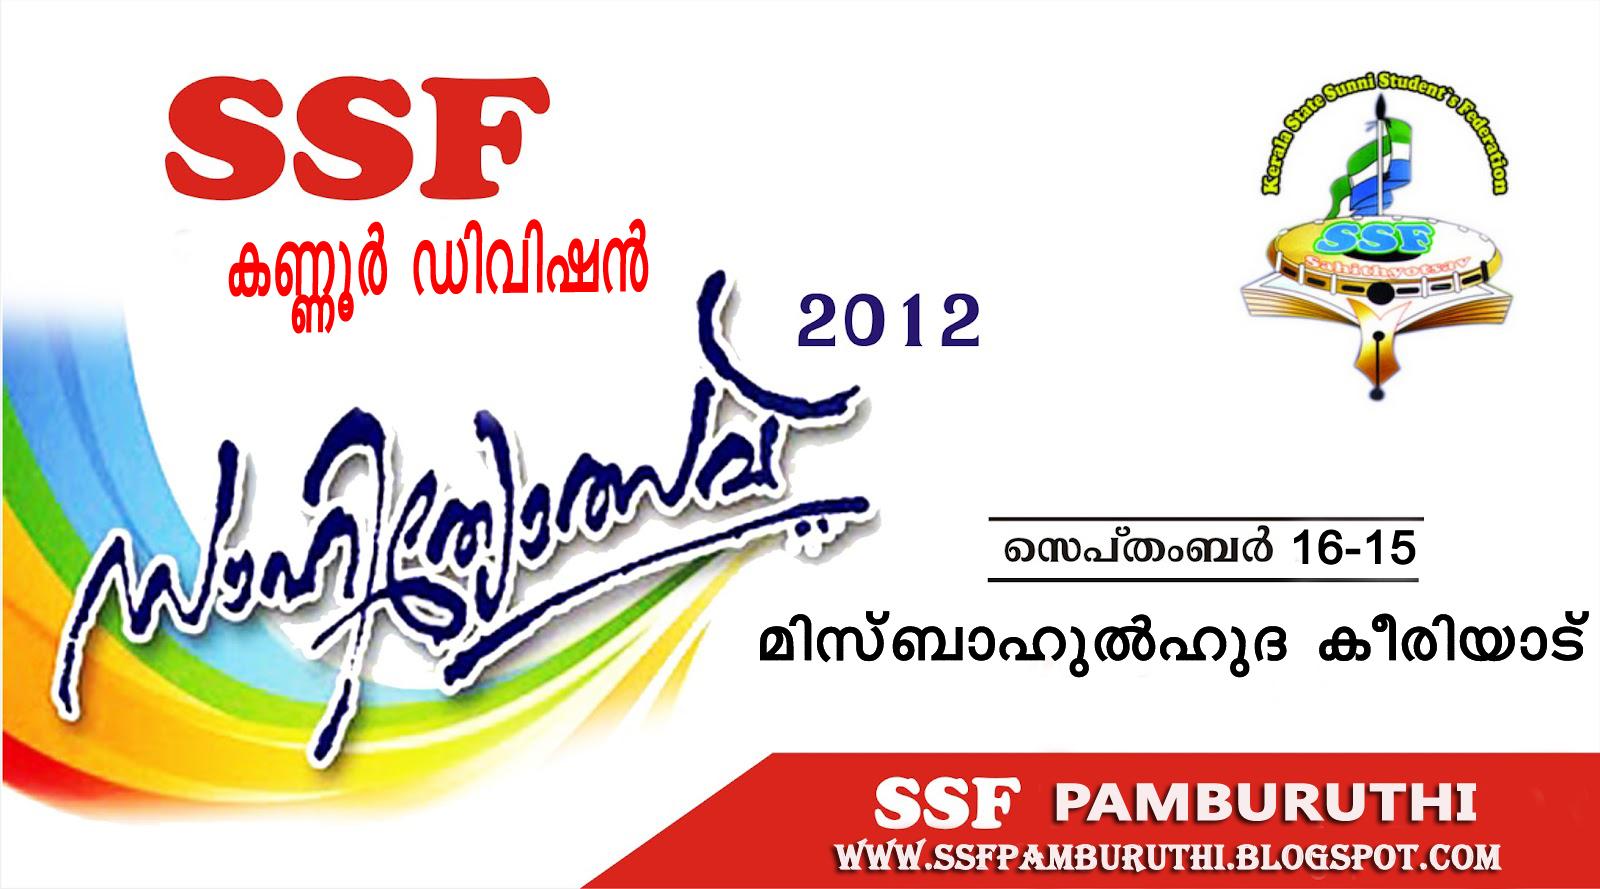 Ssf Pamburuthi Online Ssf Kannur Division Sahithyotsav 2012